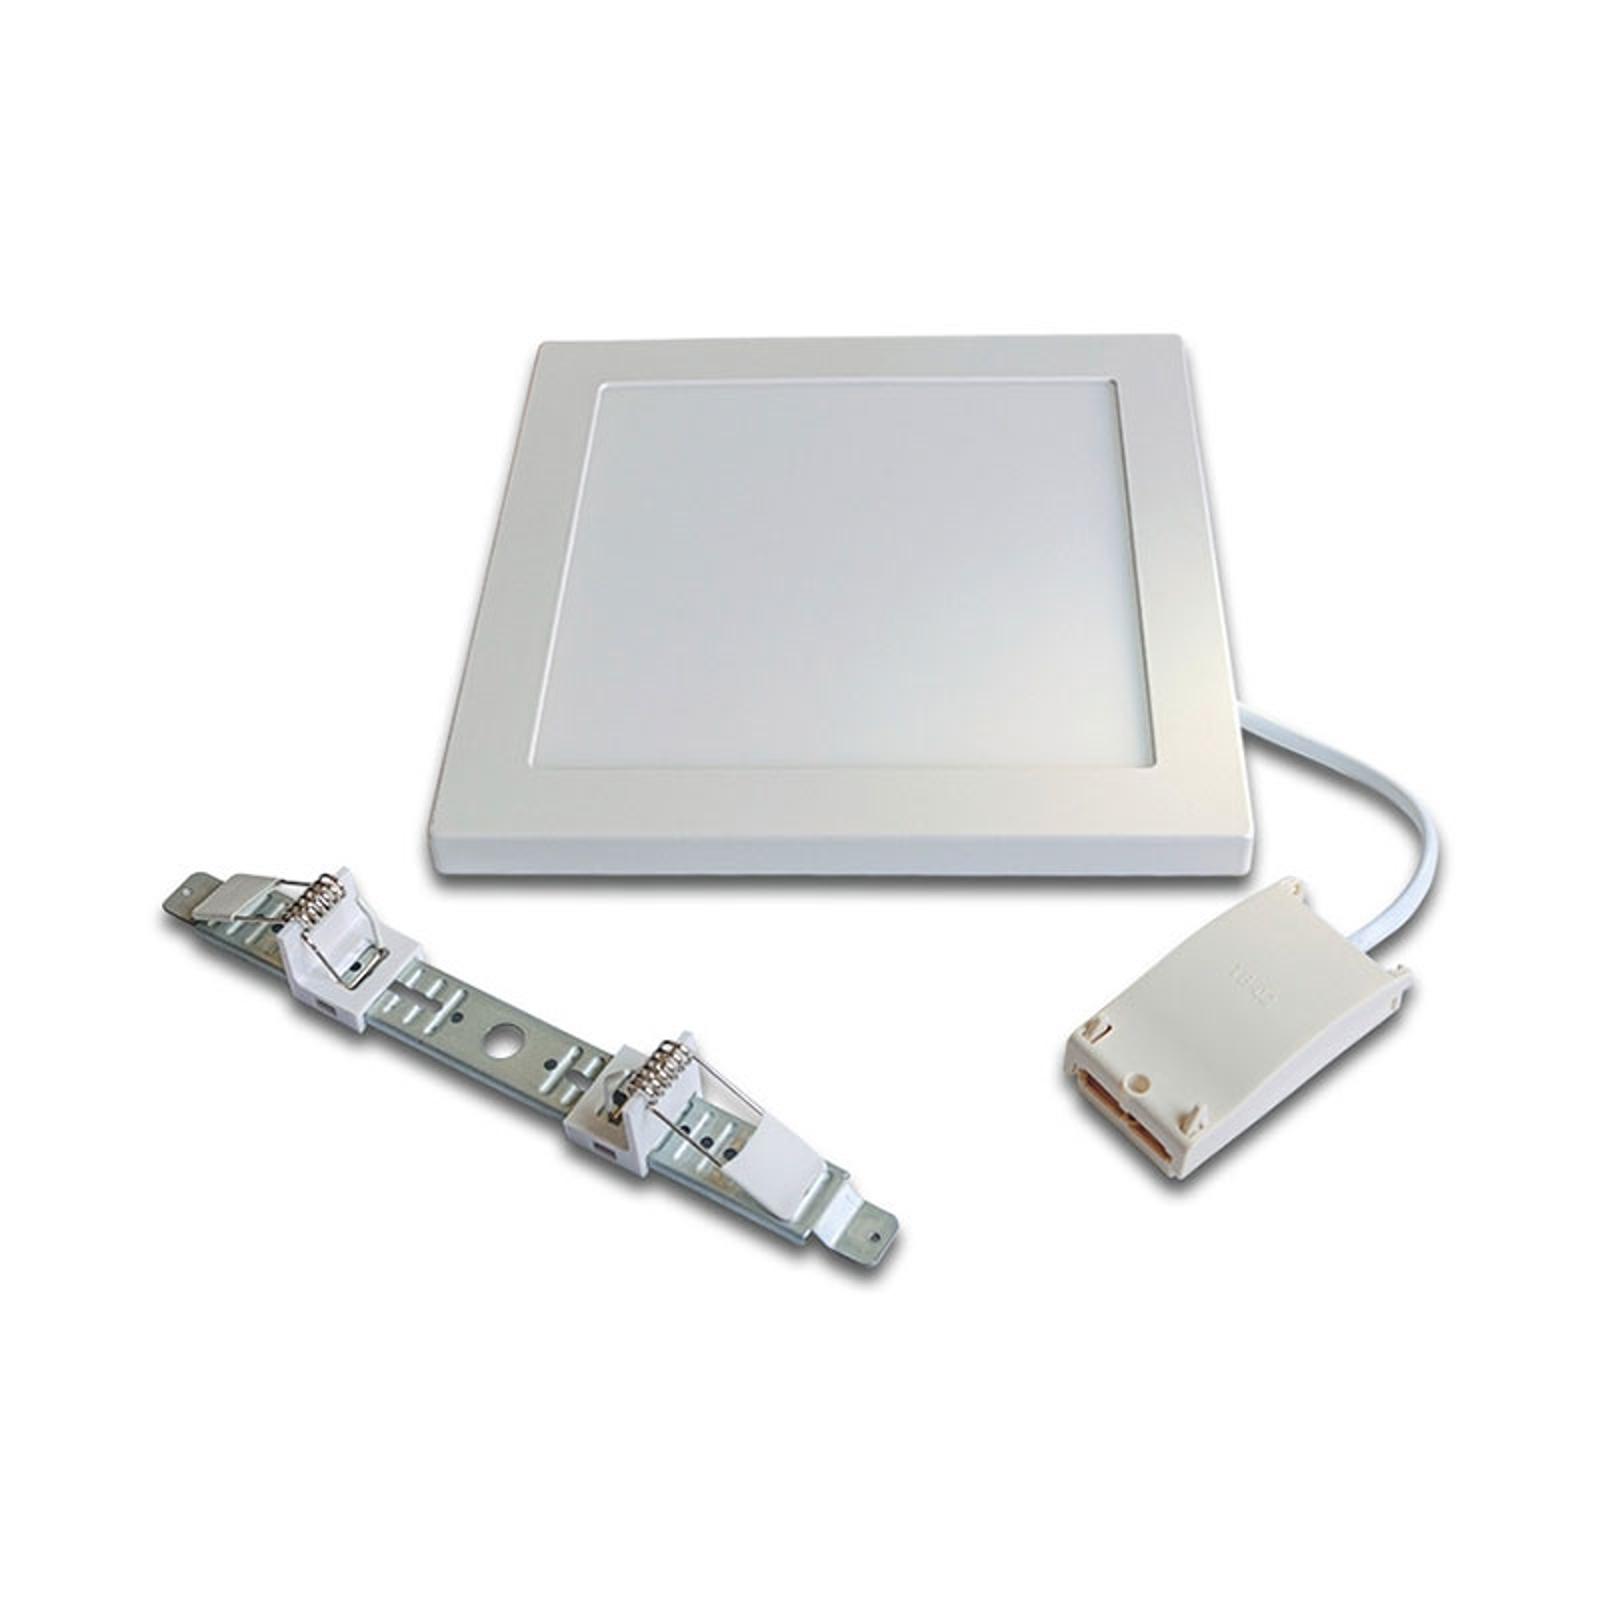 LED-pære FQ 65/205, inn-/påmontert, 2700K